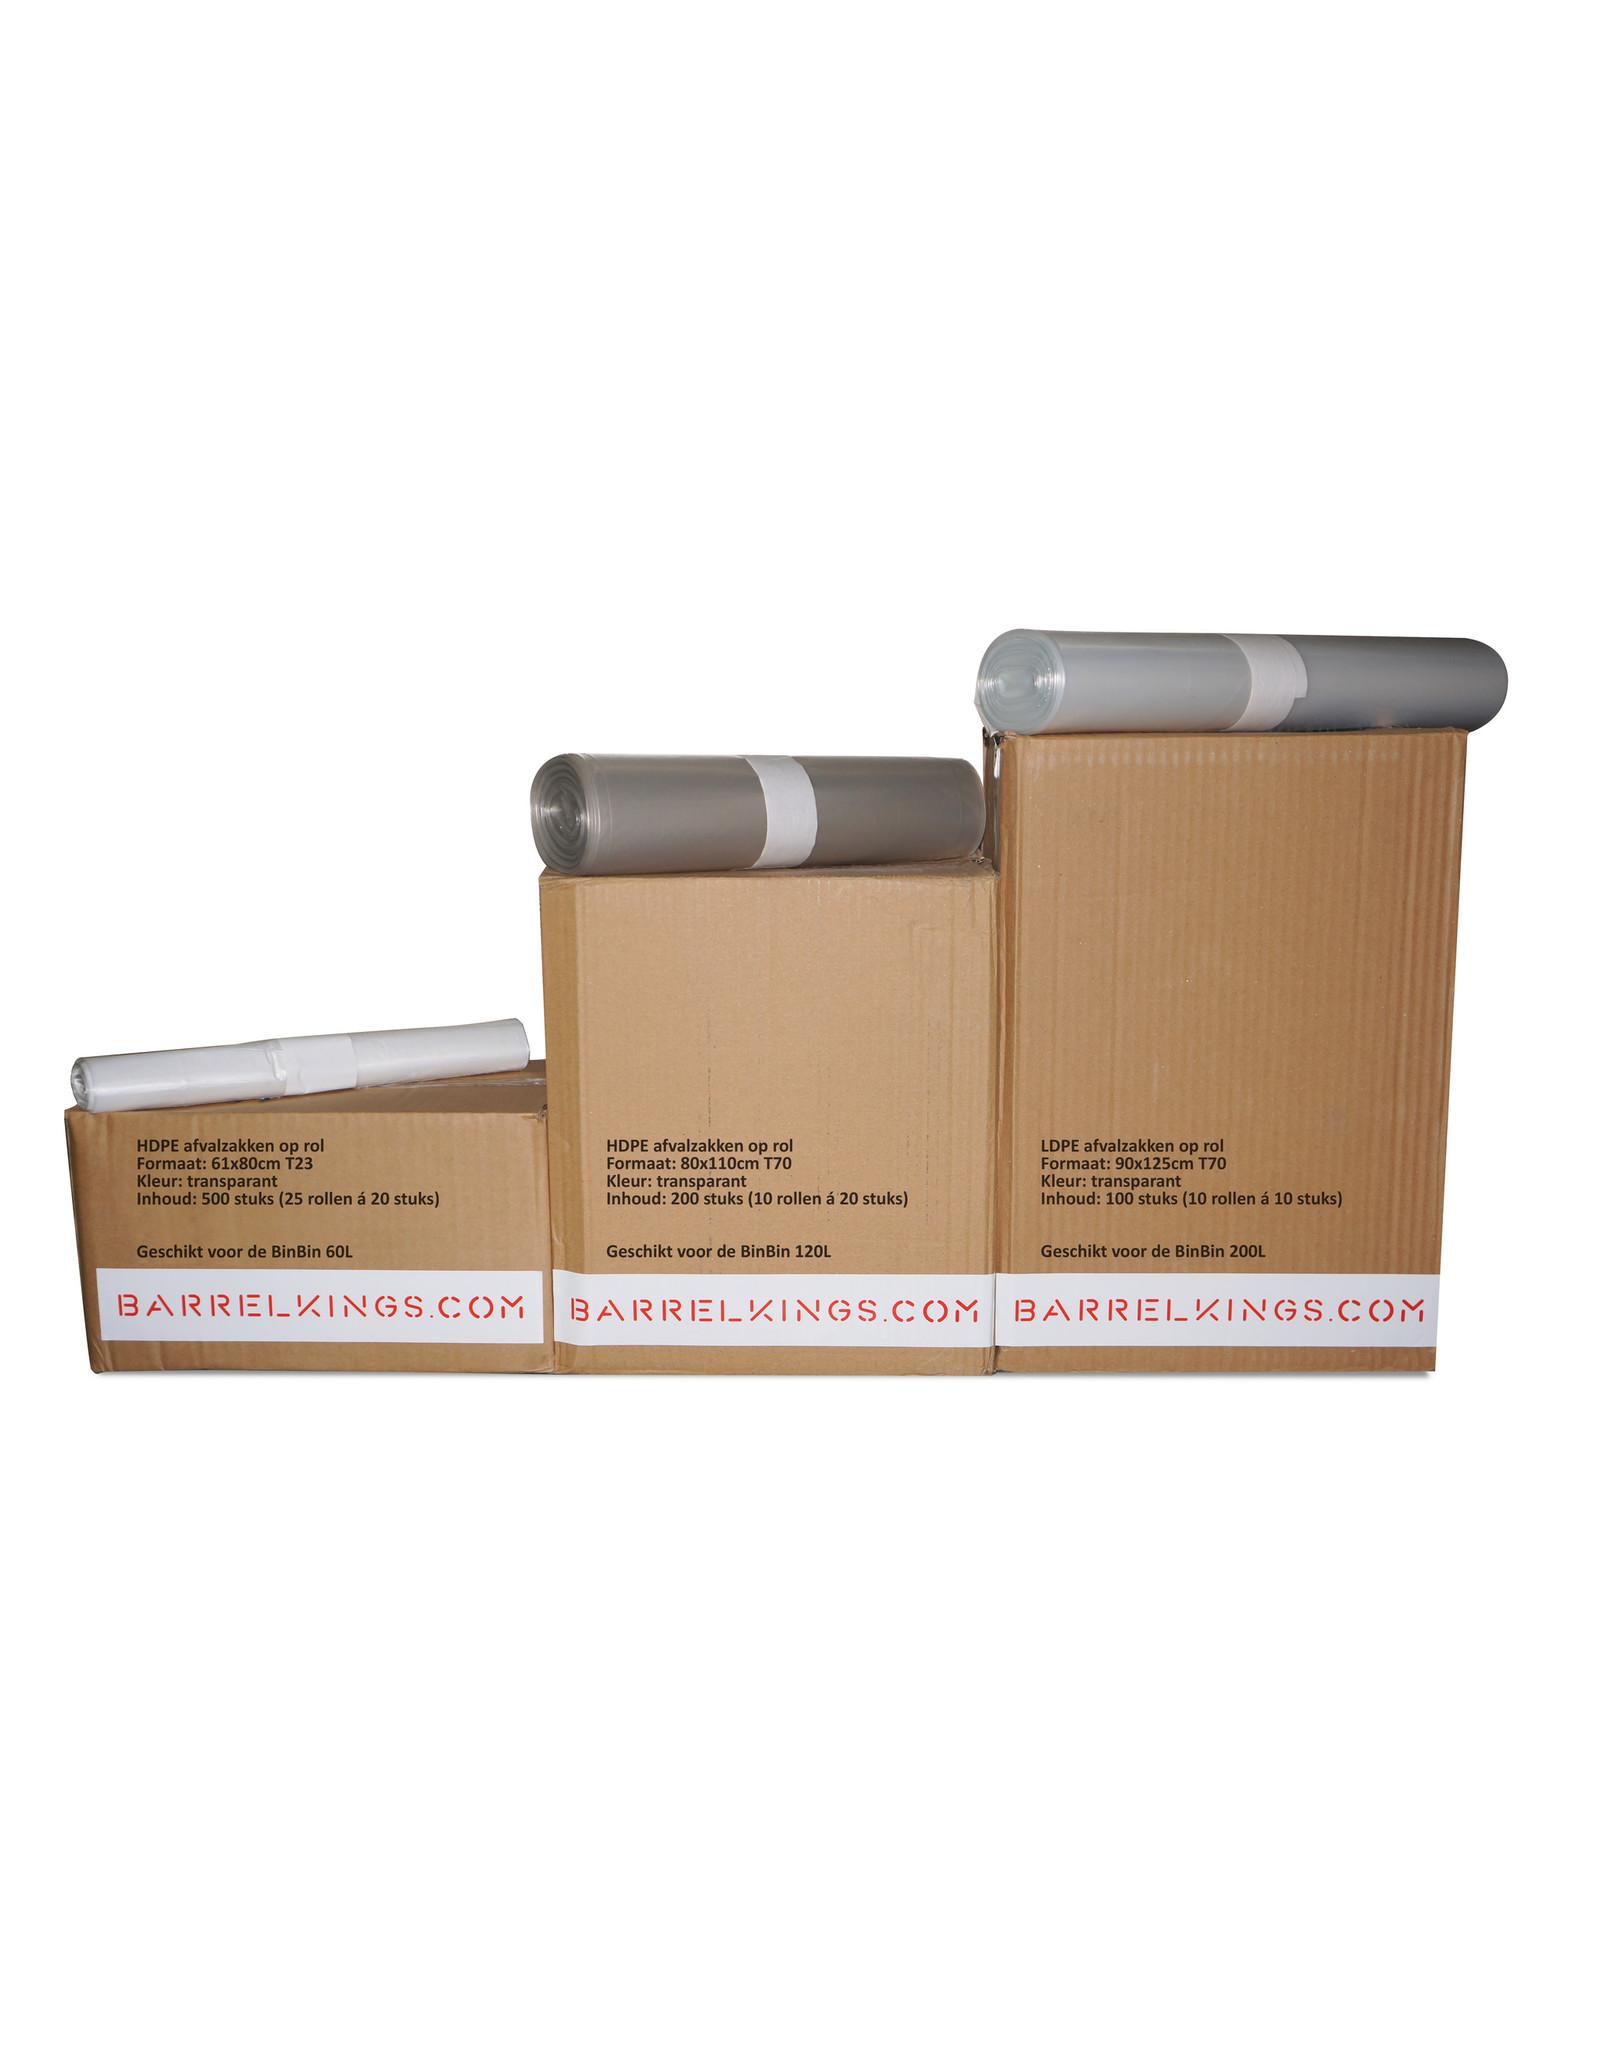 Barrelkings Afvalzak BinBin 200 L Transparant 100 St.